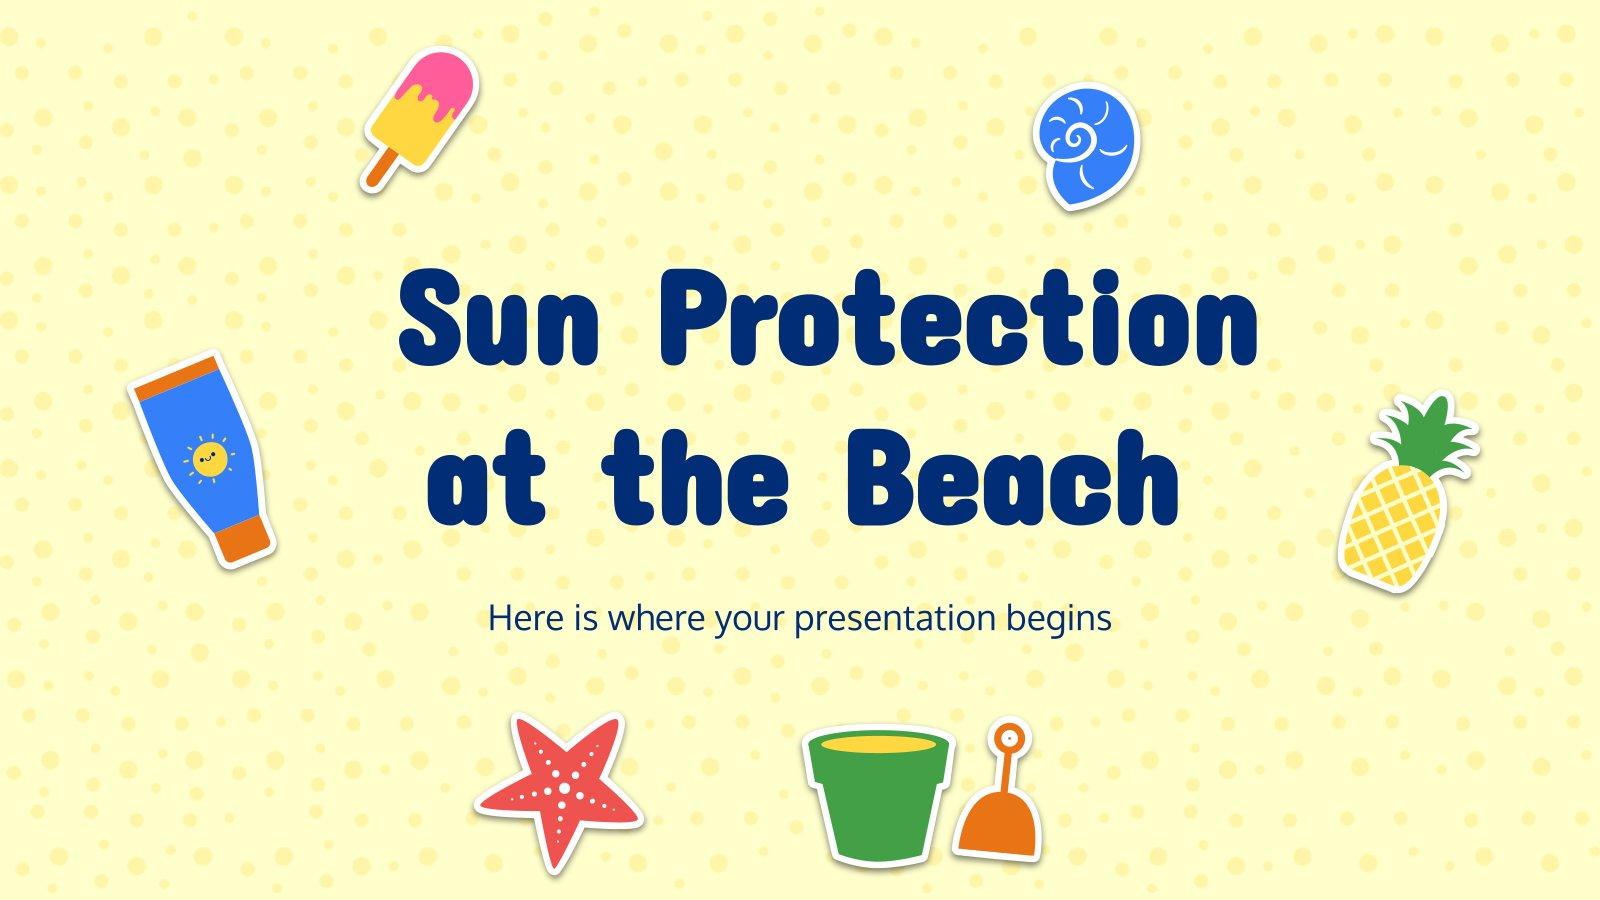 Protection solaire à la plage : Modèles de présentation